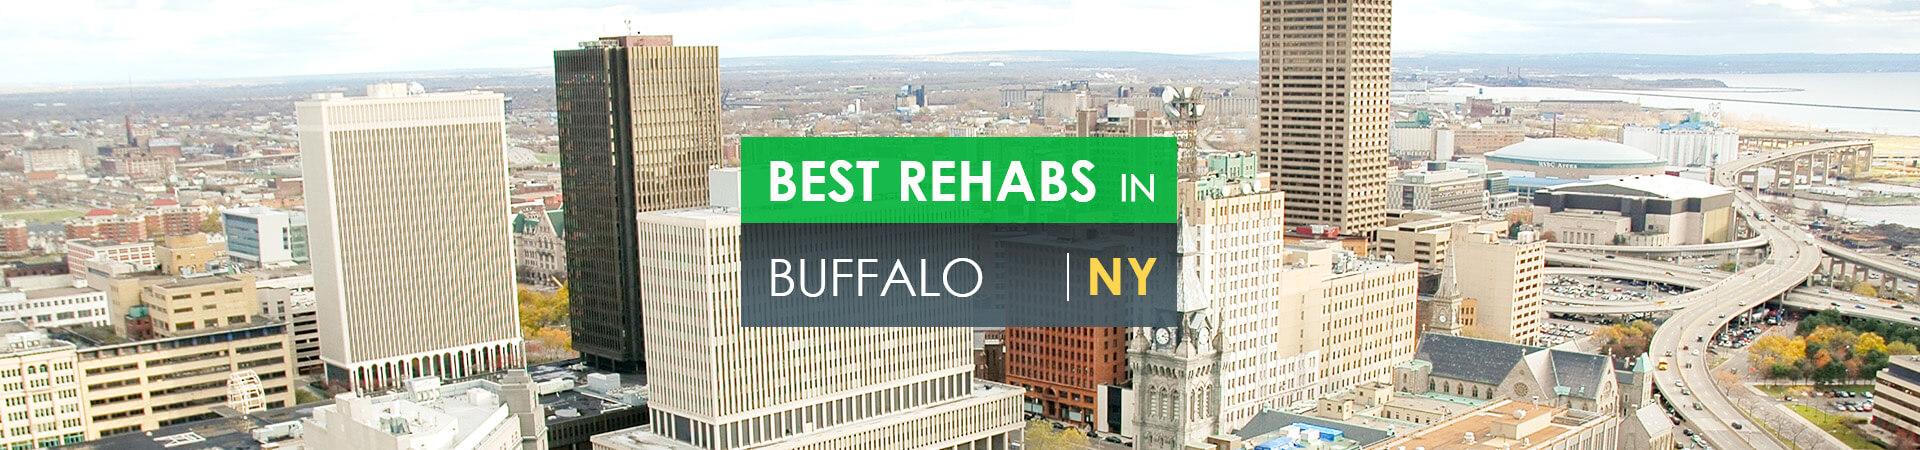 Best rehabs in Buffalo, NY